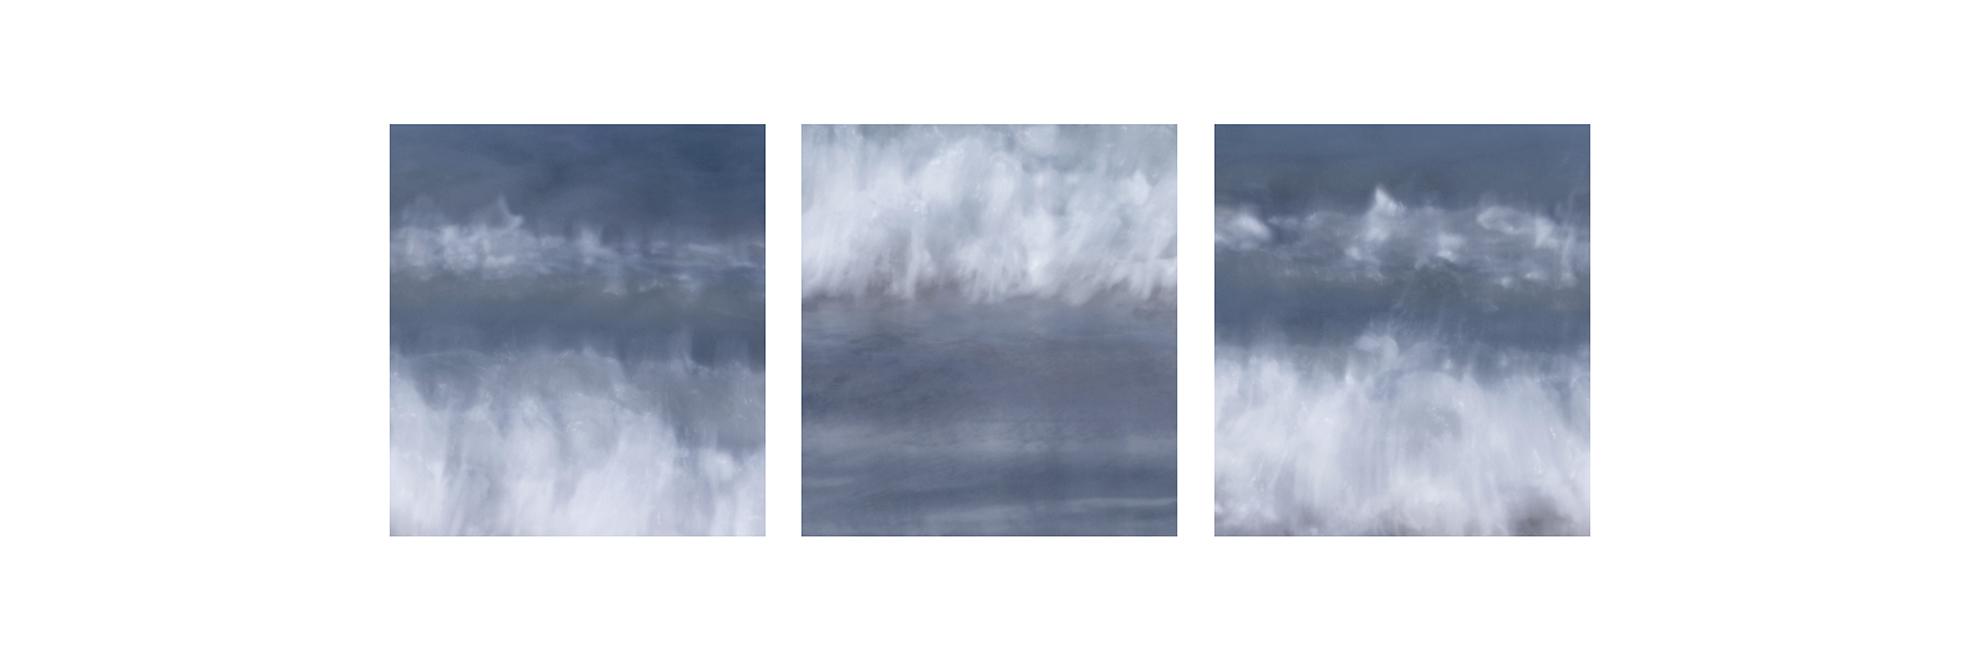 Wave, No.2